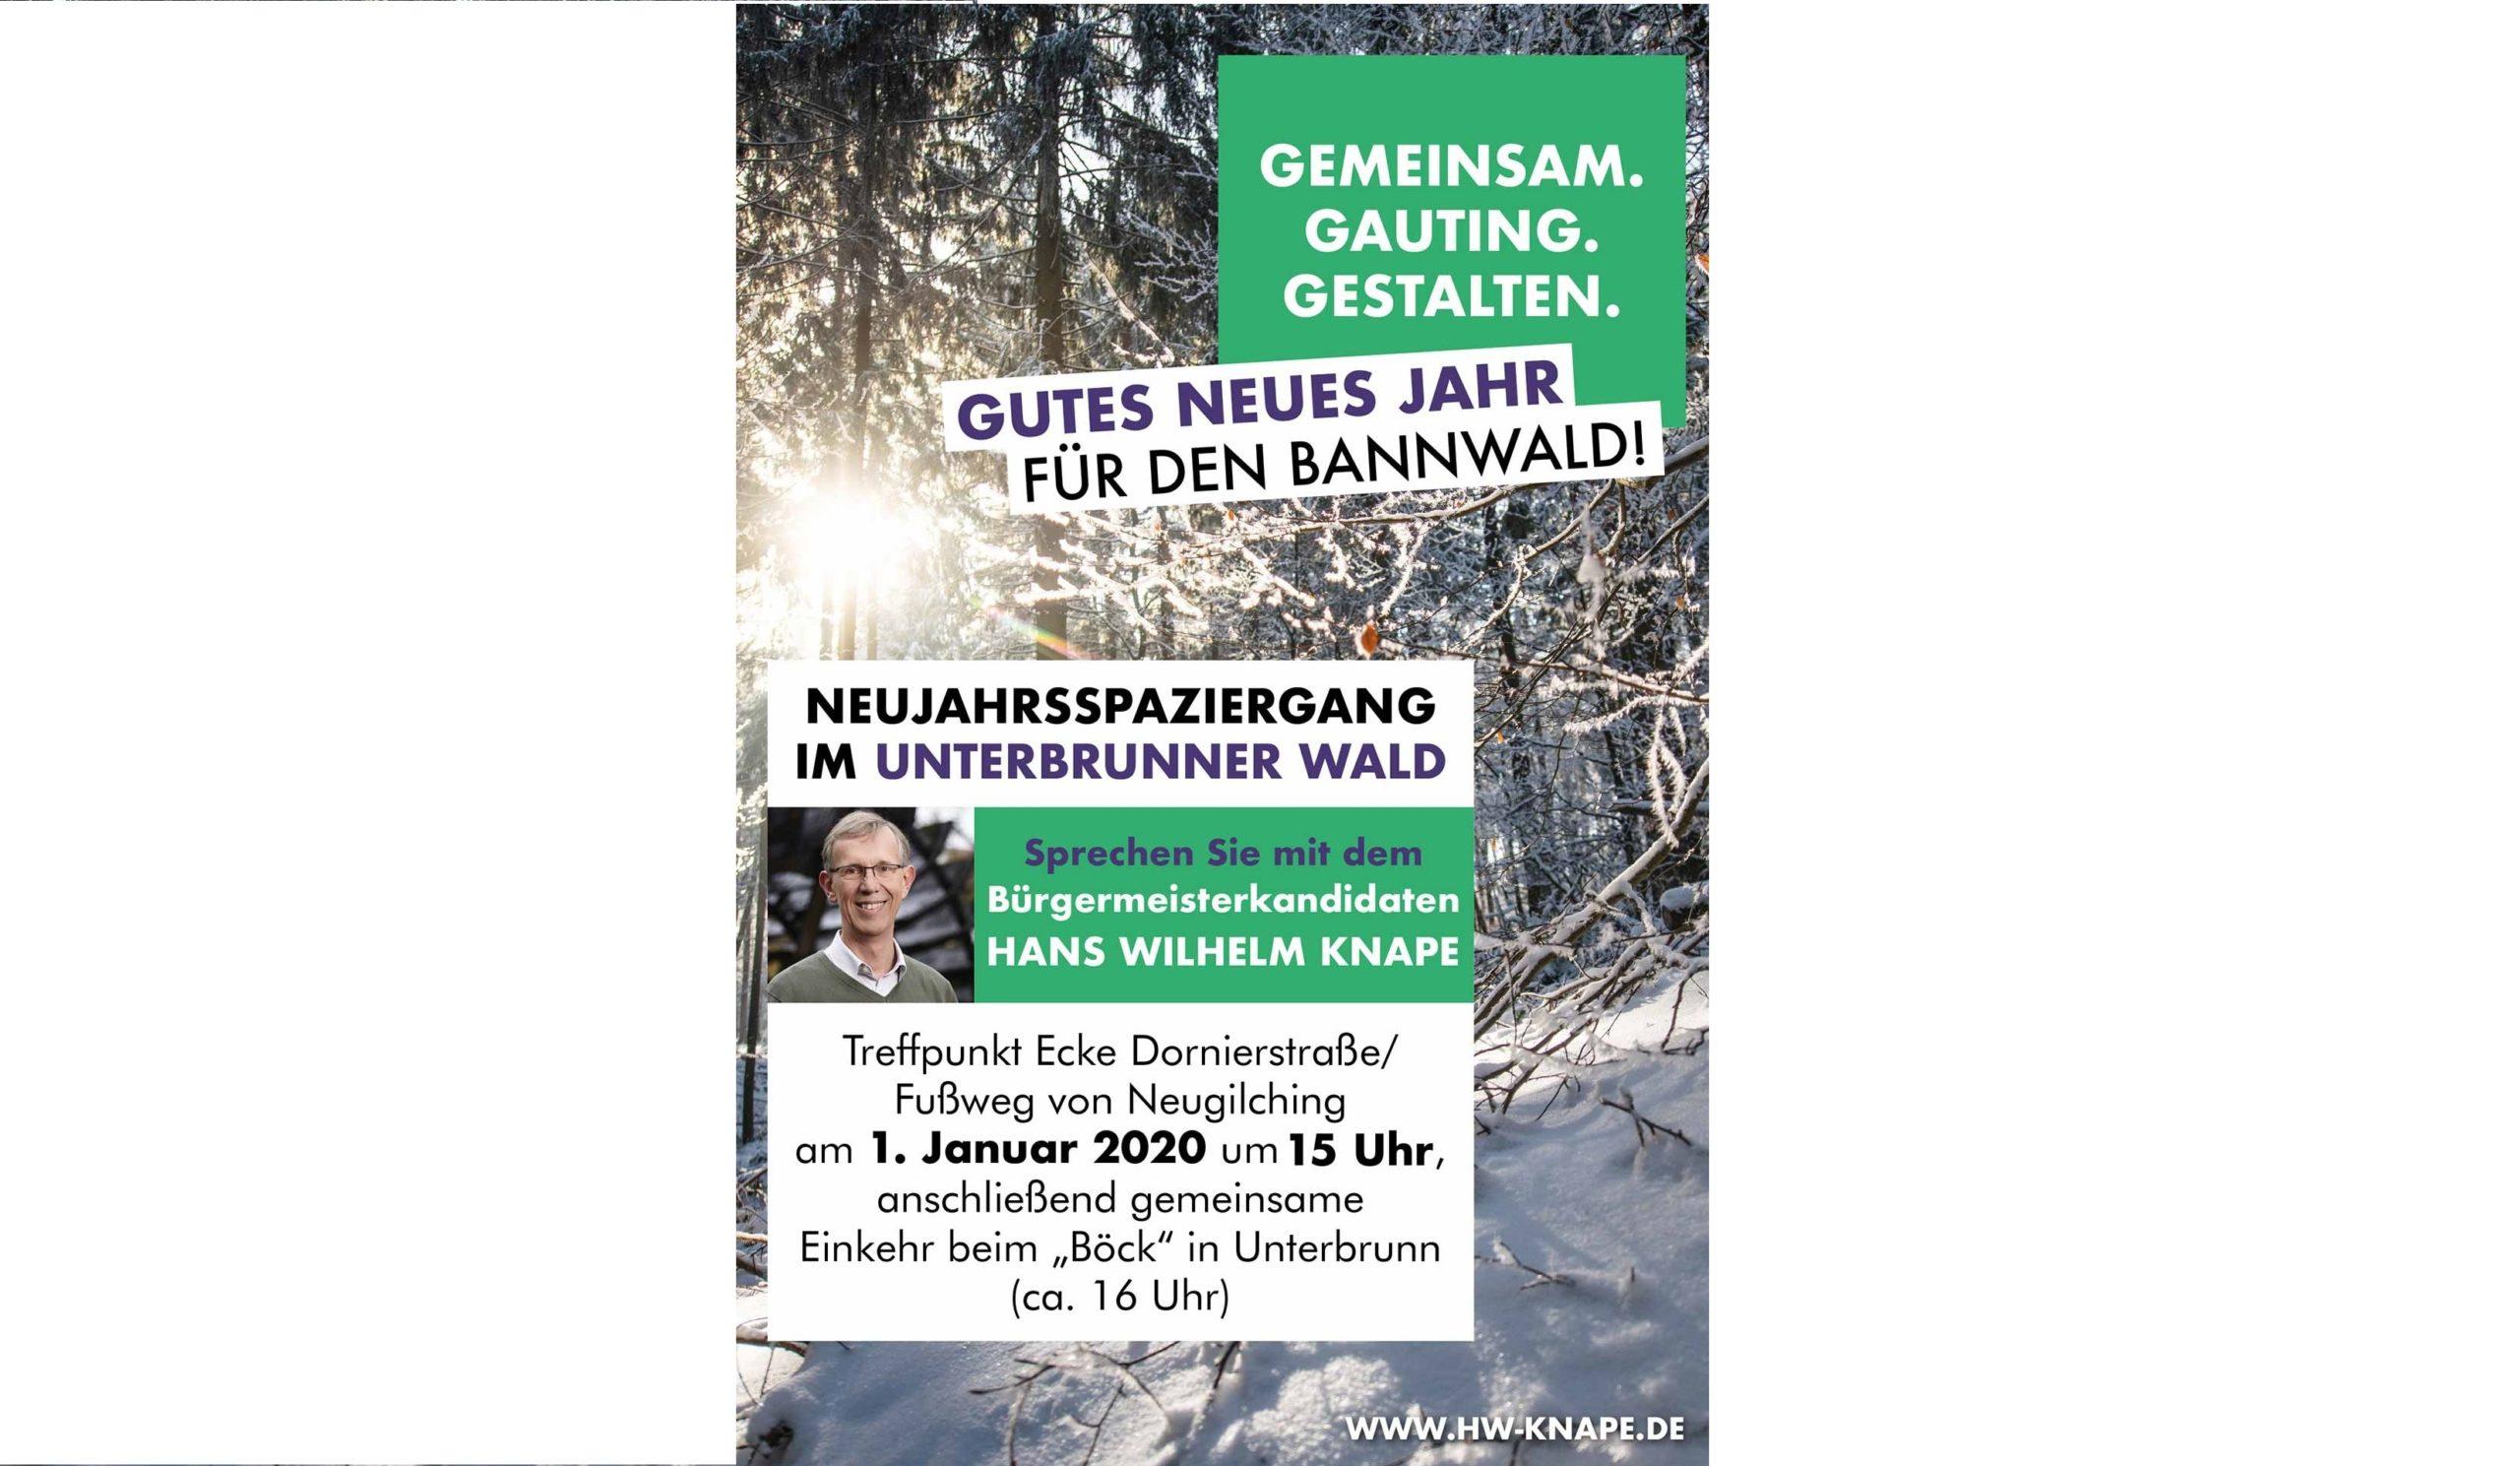 Neujahrsspaziergang im Unterbrunner Holz